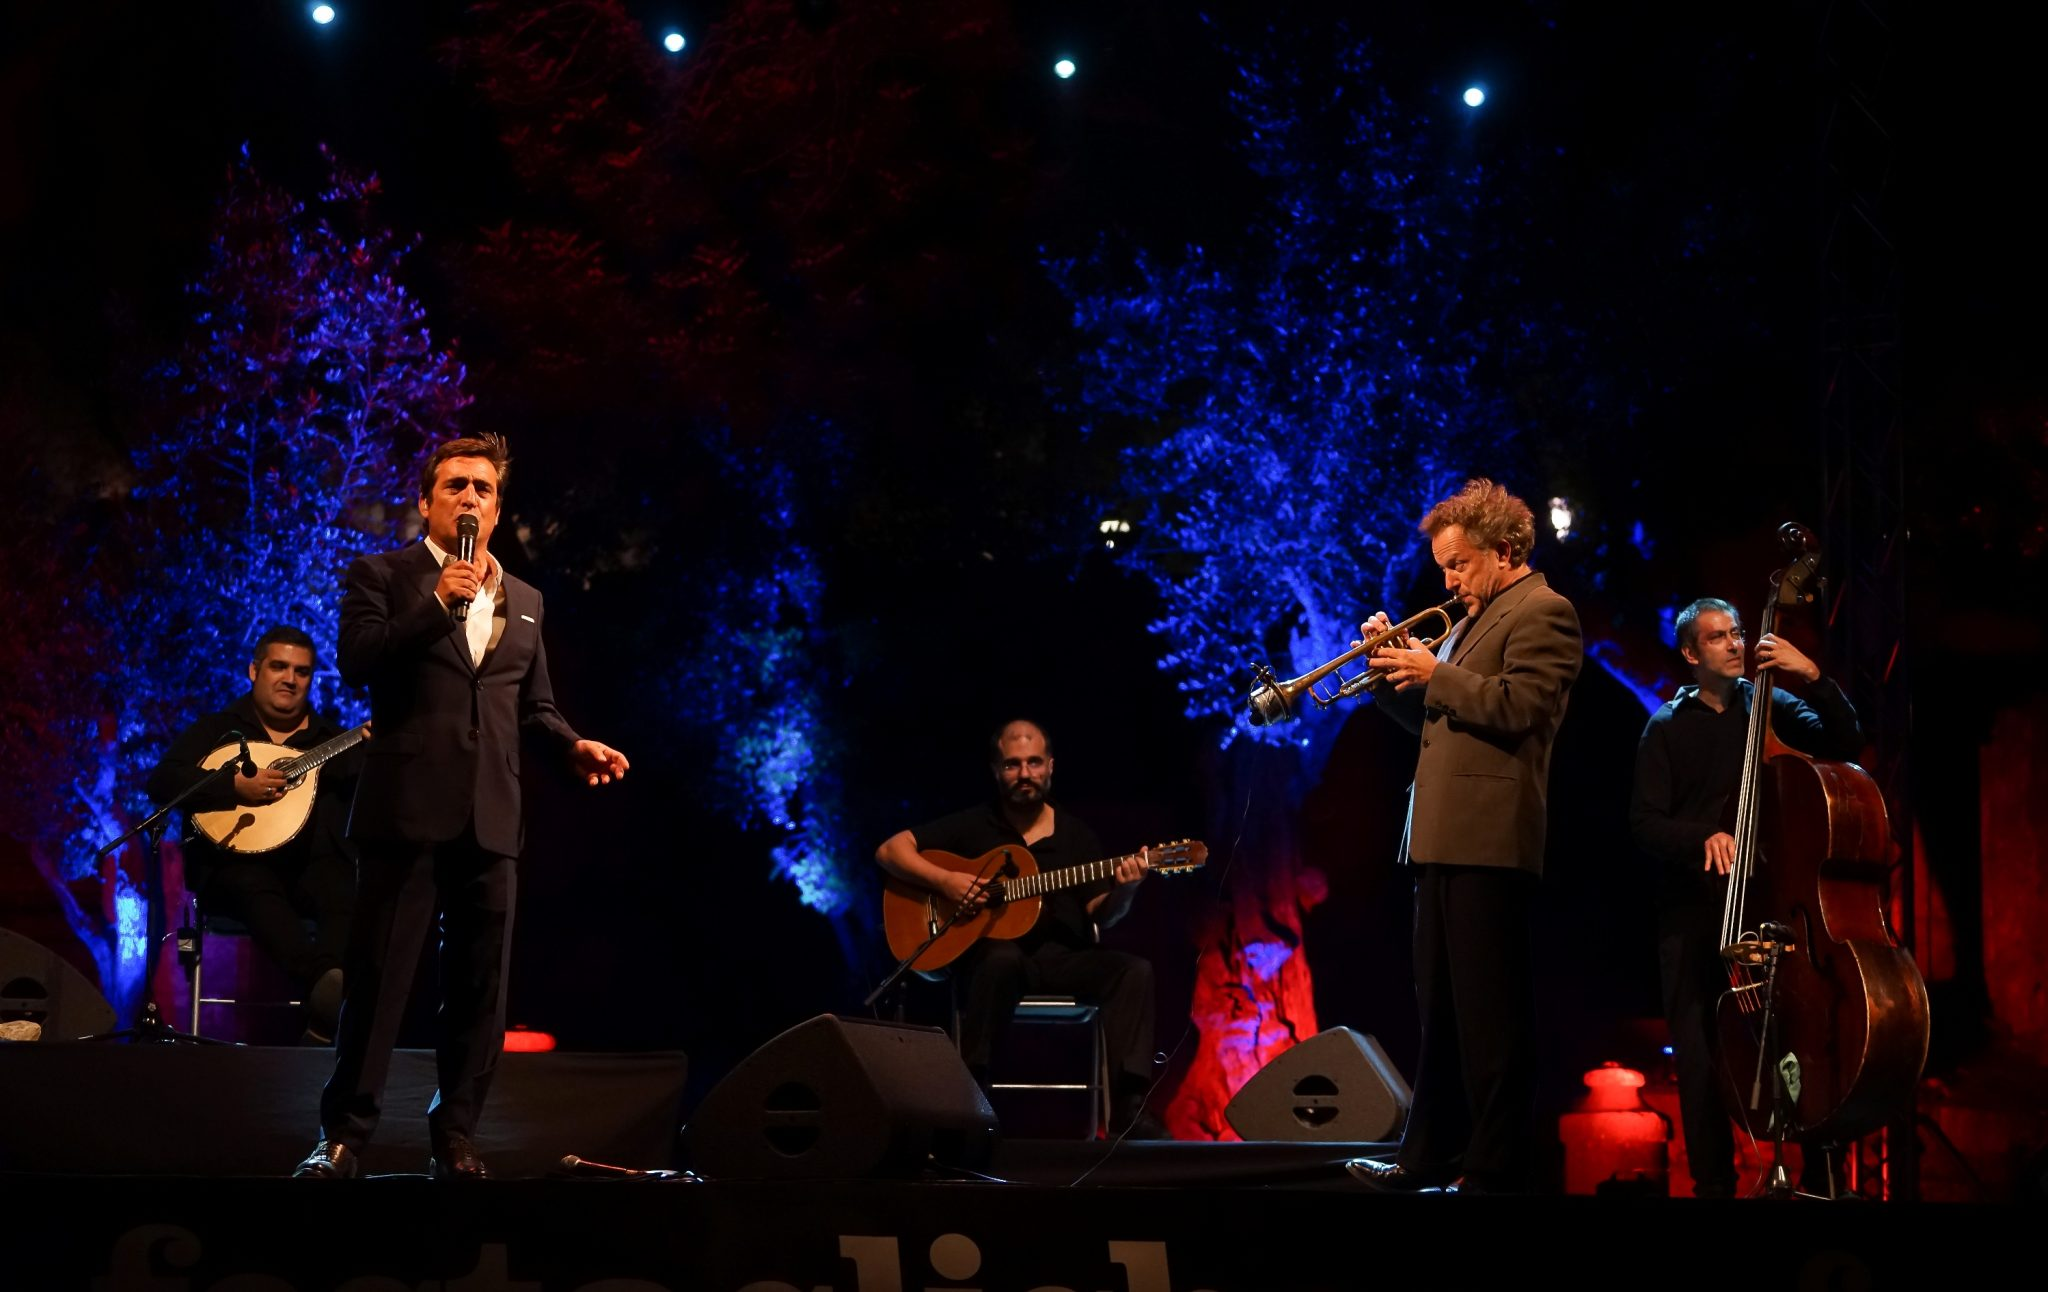 De frente para o observador, o fadista Camané canta em cima do palco. Do lado direito, o trompetista Laurent Filipe. Atrás o guitarrista, o violista e o contrabaixista.